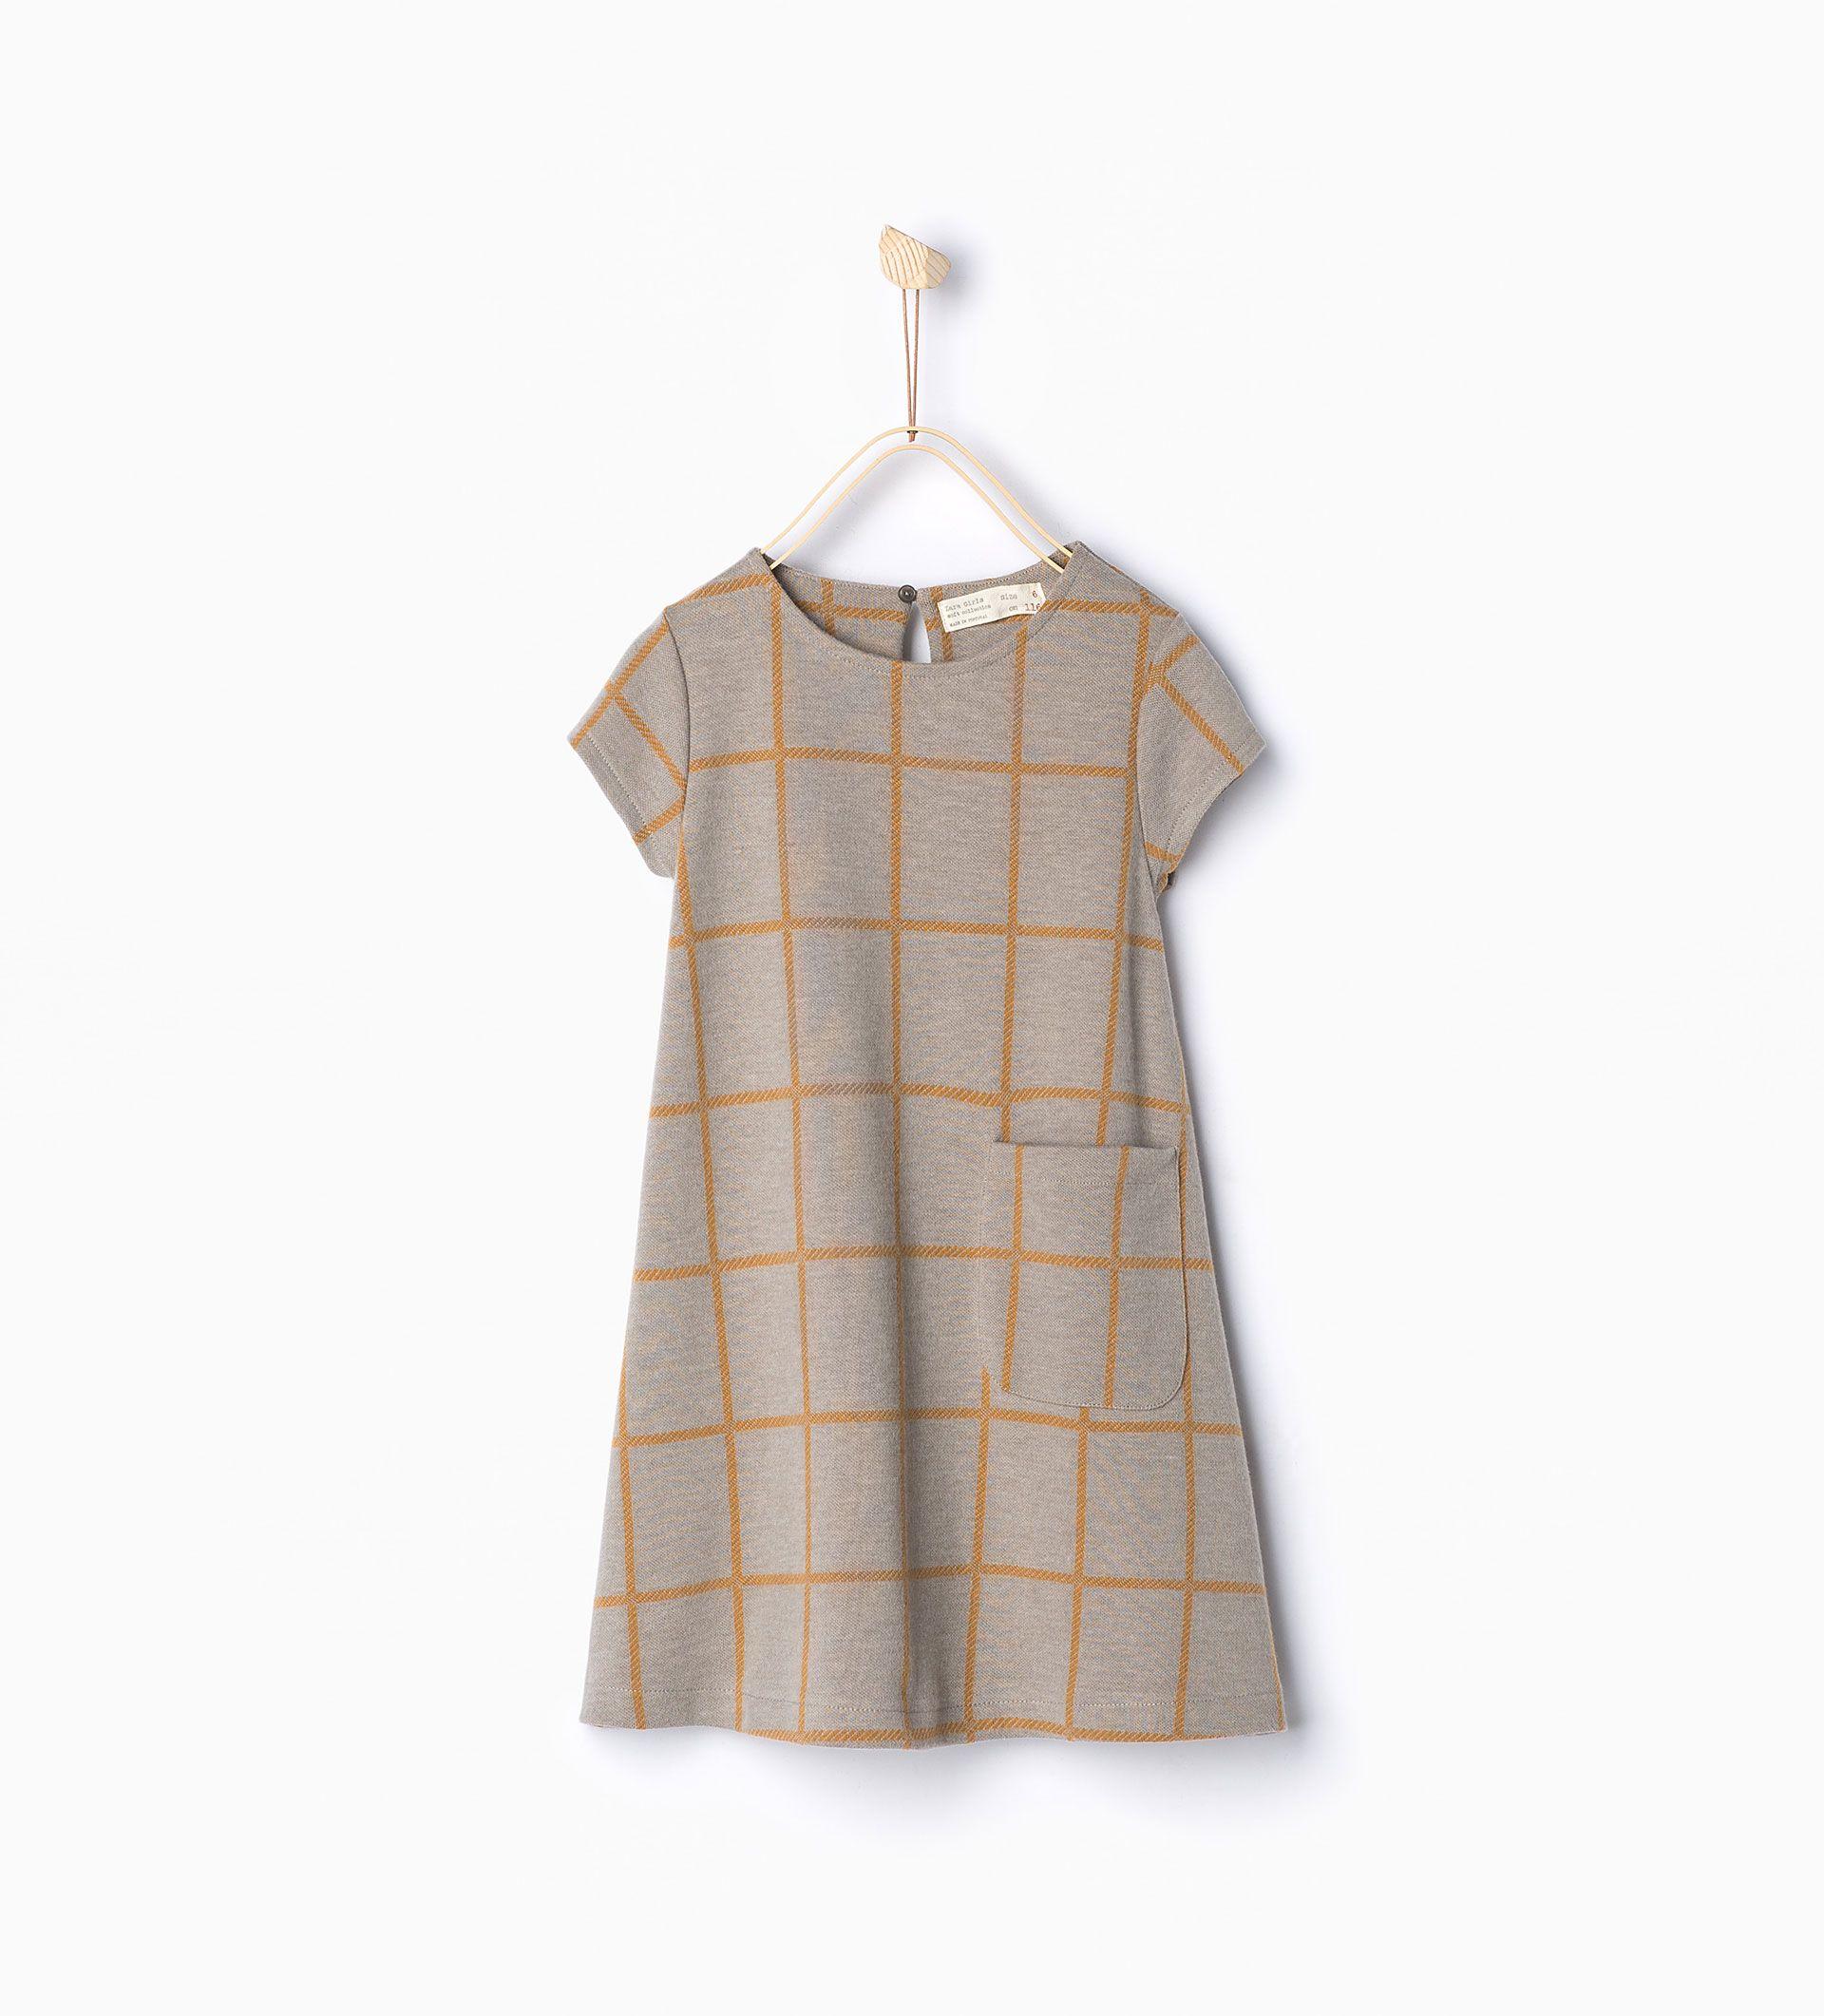 Las últimas tendencias en textil y decoración del hogar en Zara Home. Ropa de cama, vajillas, toallas o accesorios de decoración de diseño y la mejor calidad.